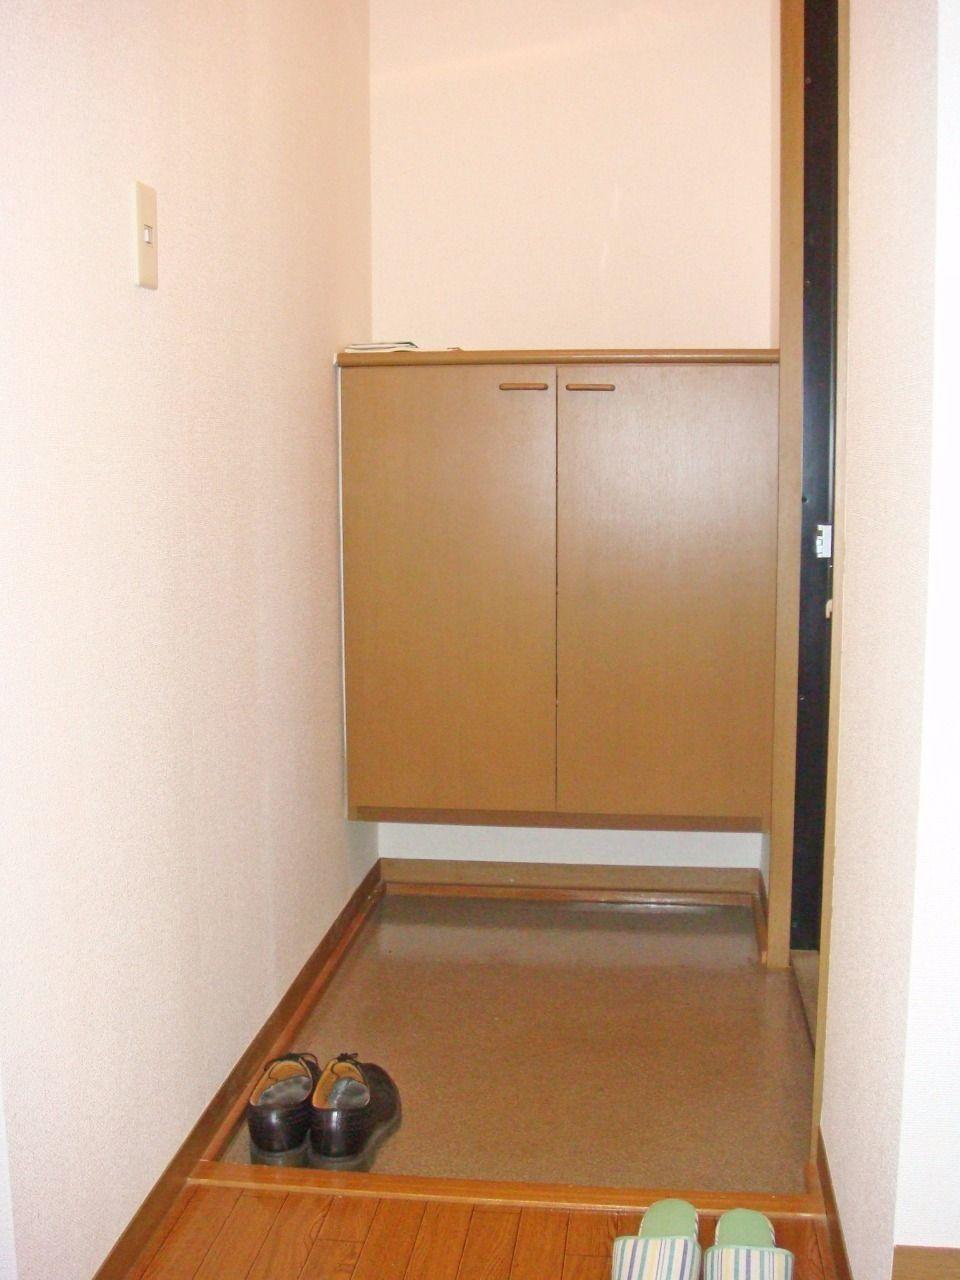 多くは収納できませんが、鍵や小物が置ける使い勝手のいい下駄箱です。